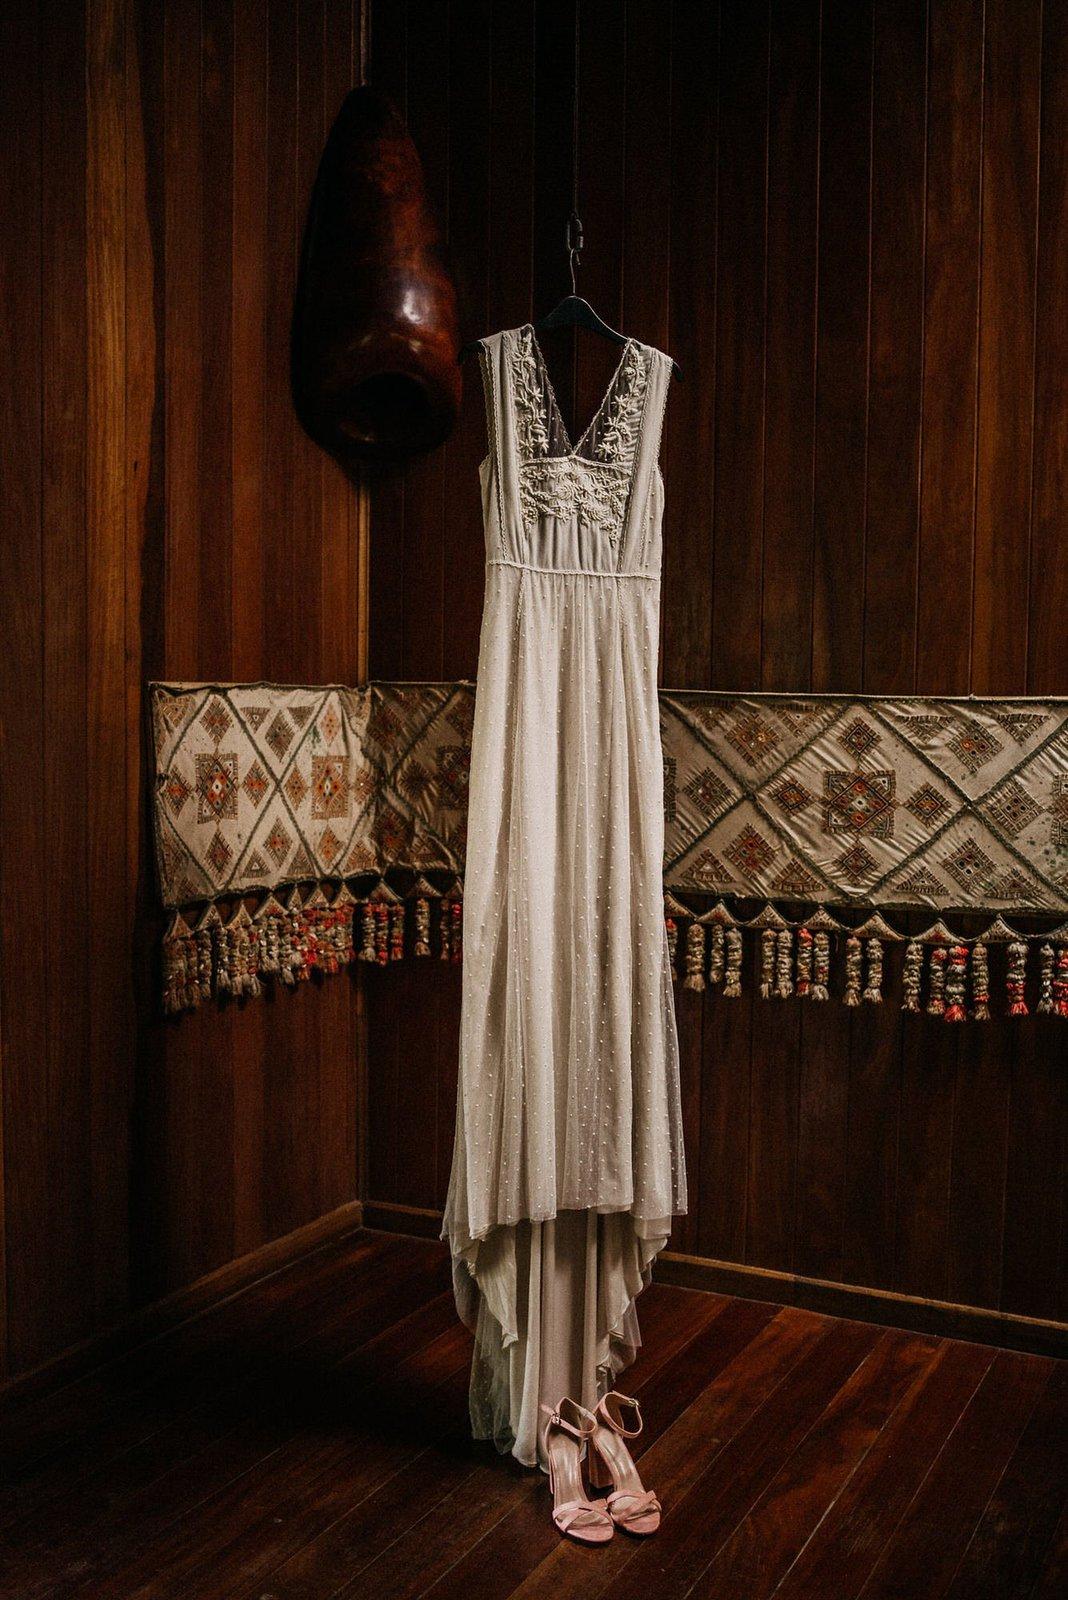 Bridal wedding dress.